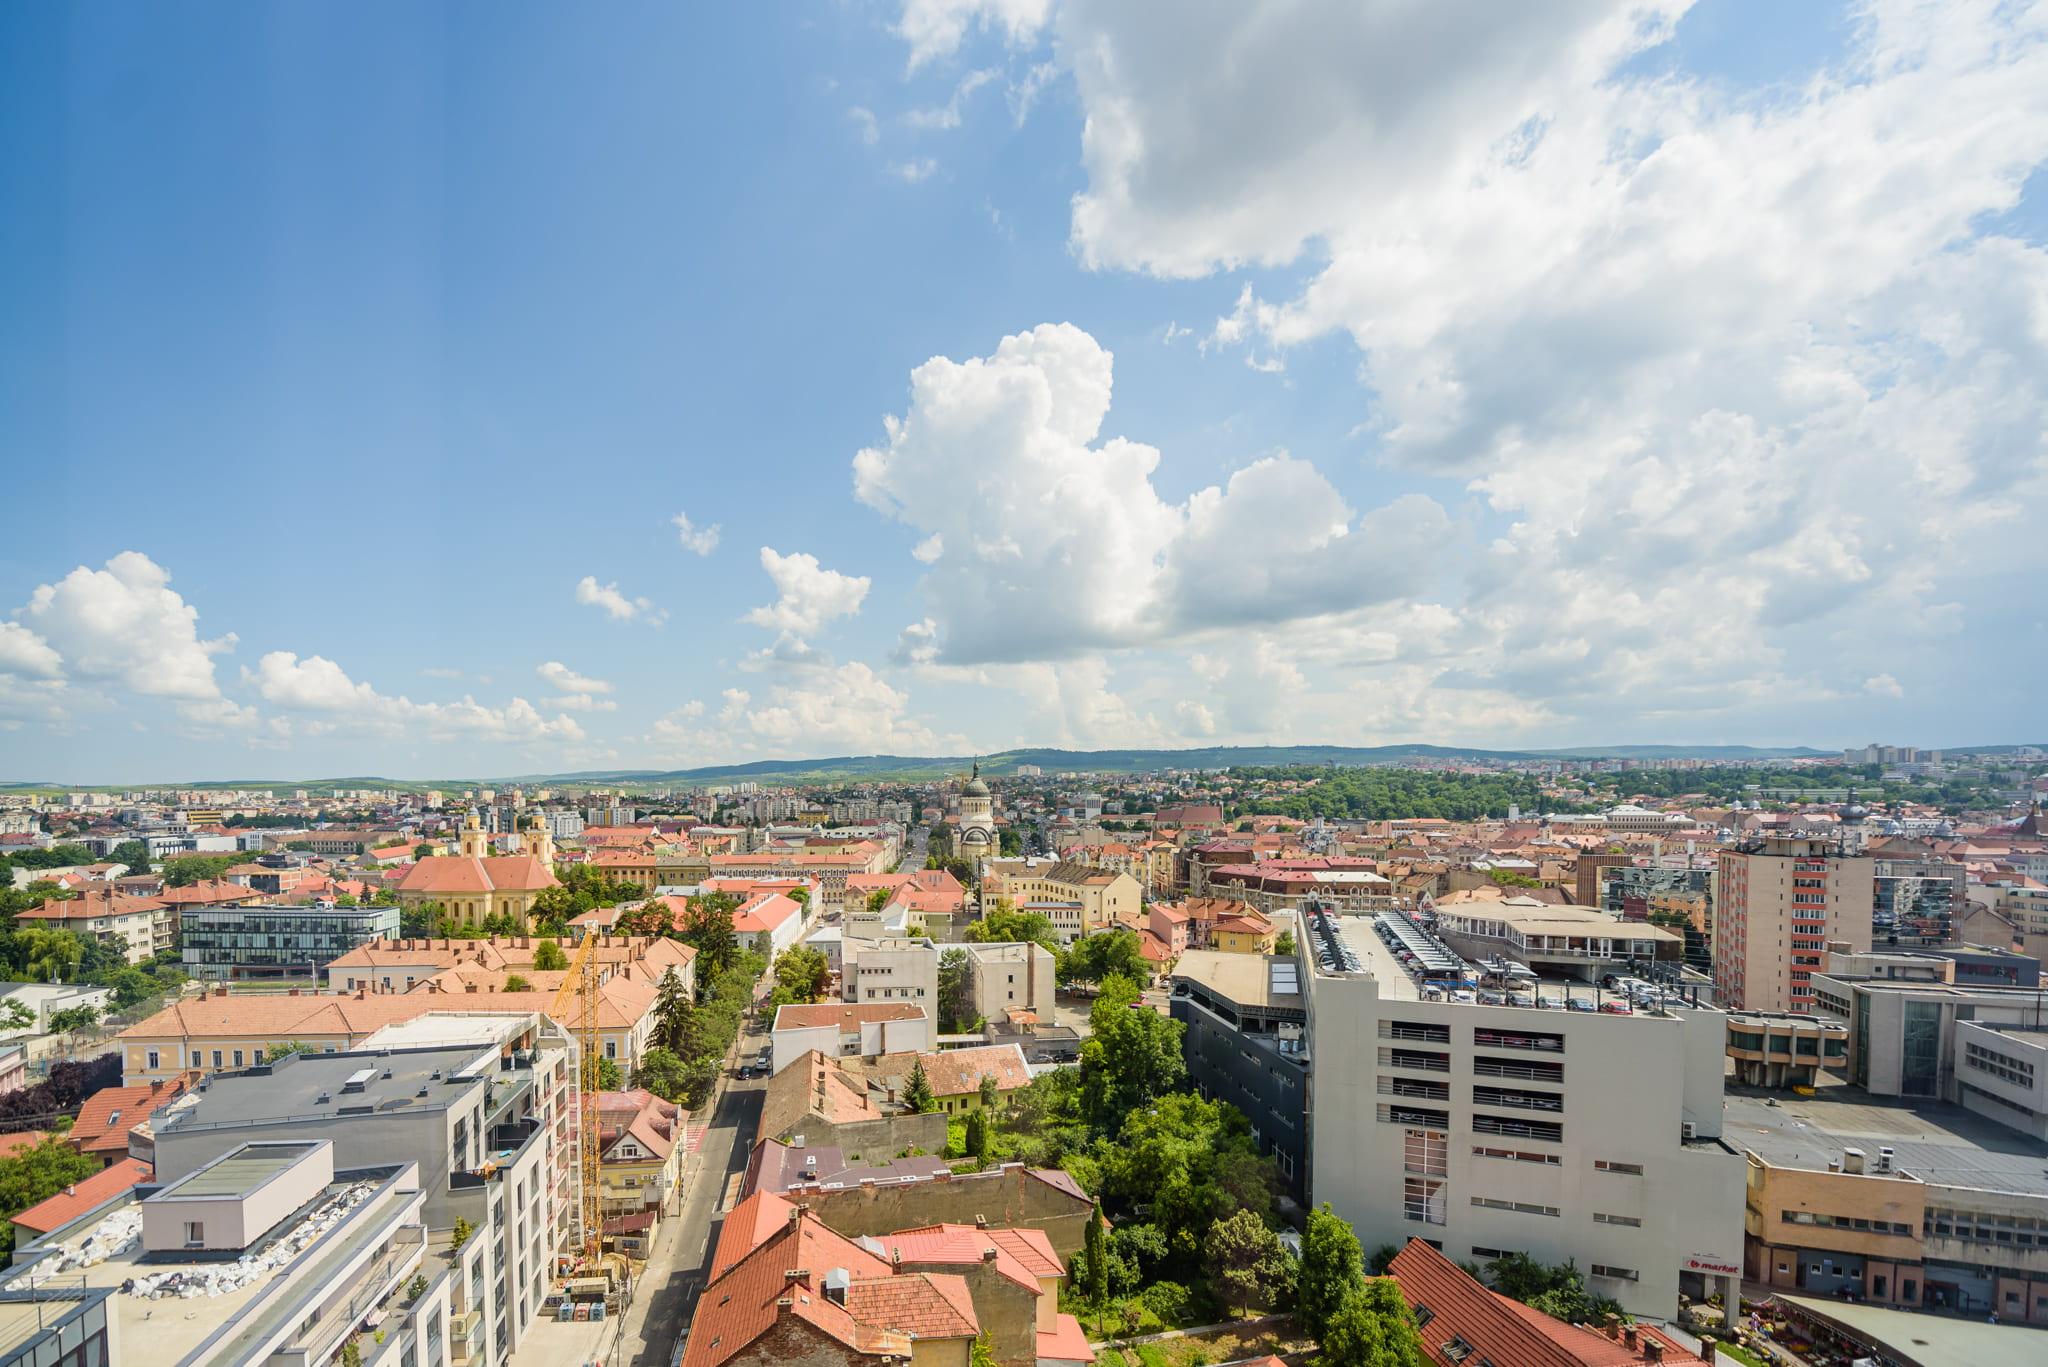 5 lucruri #cool pe care le poți face săptămâna aceasta în Cluj